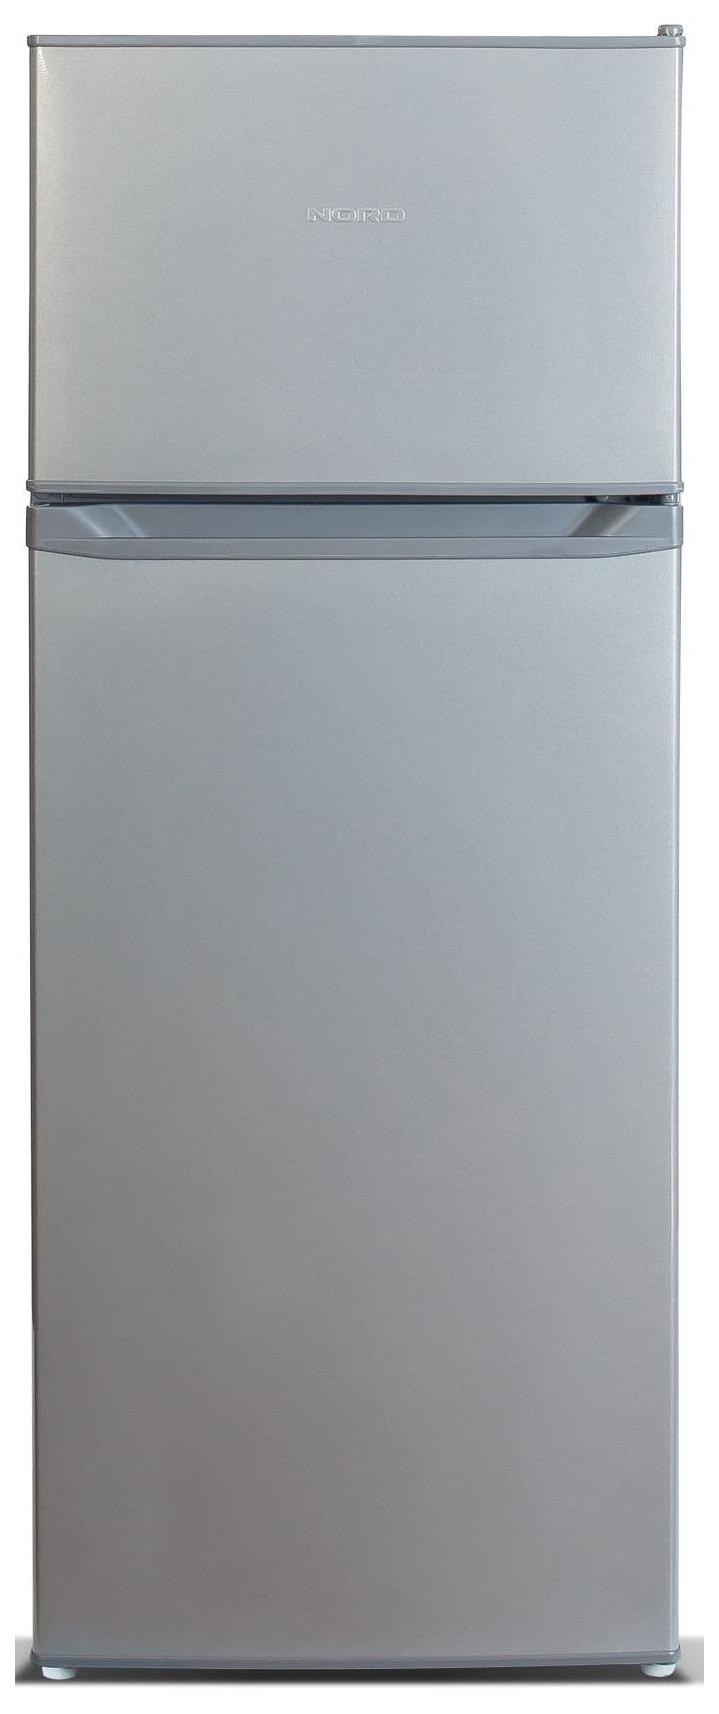 Холодильник NORD NRT 145 332 Silver